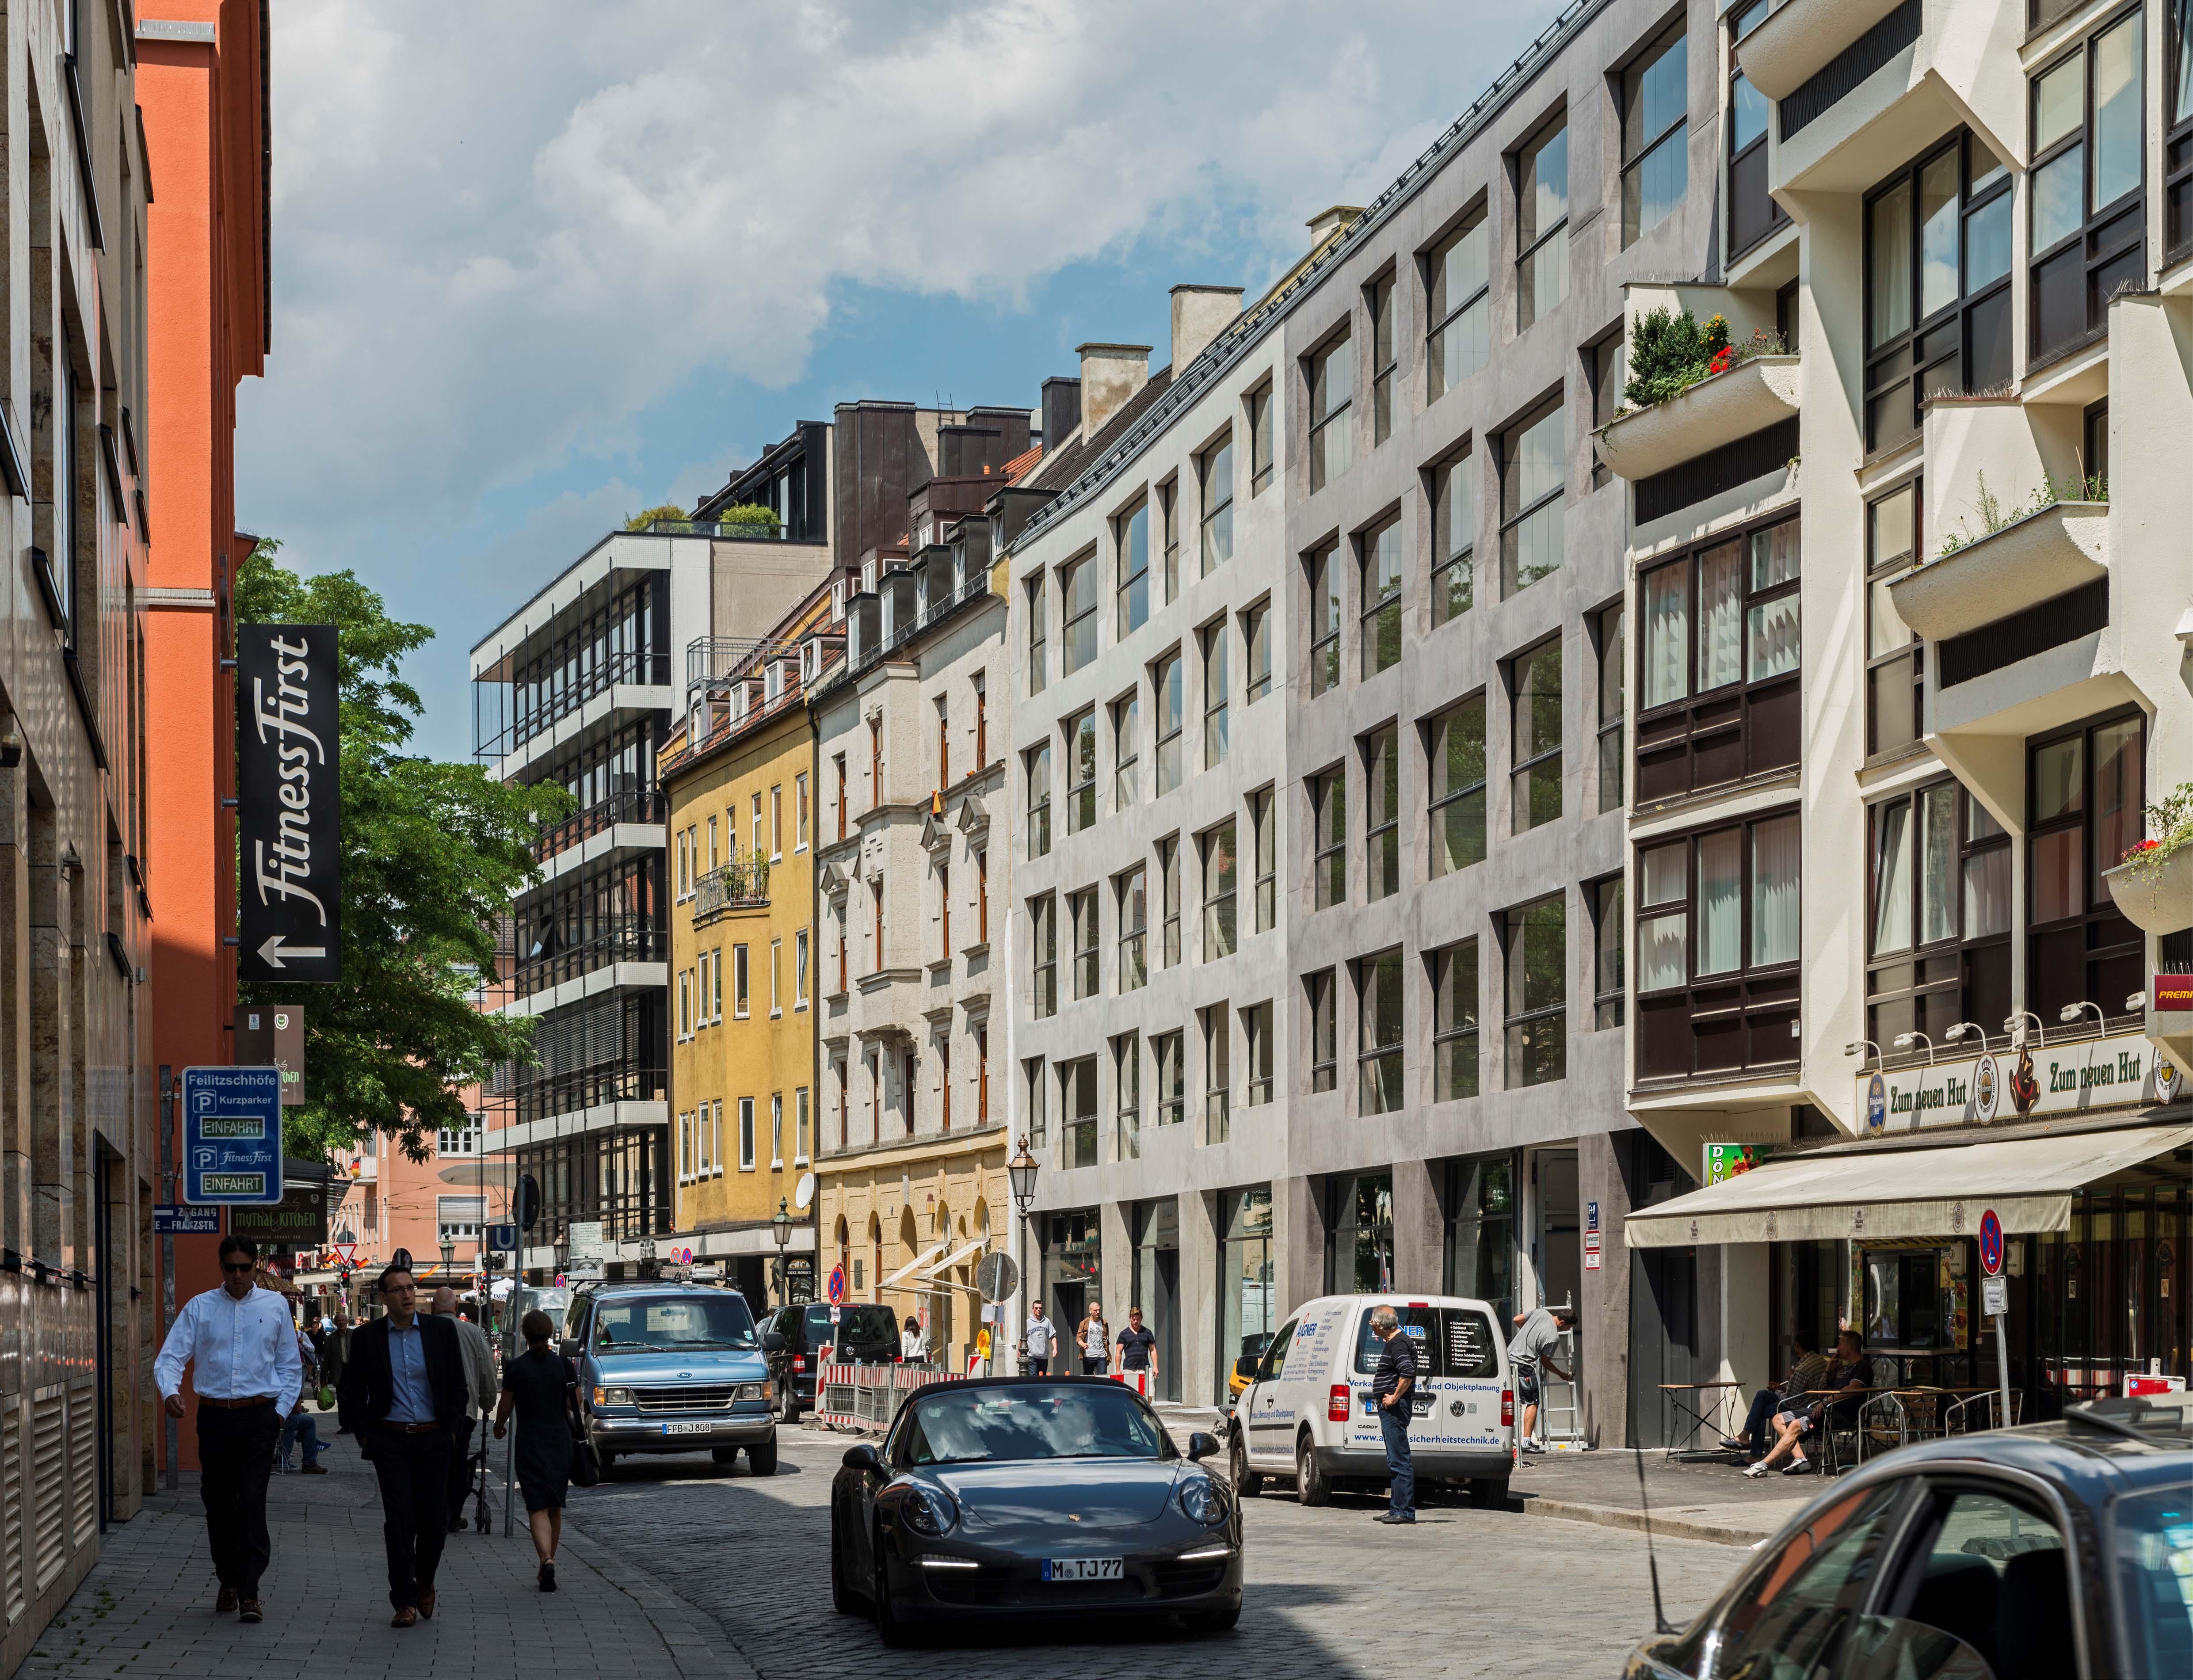 Wohn und gesch ftshaus mona i co muenchenarchitektur for Design hotel schwabing